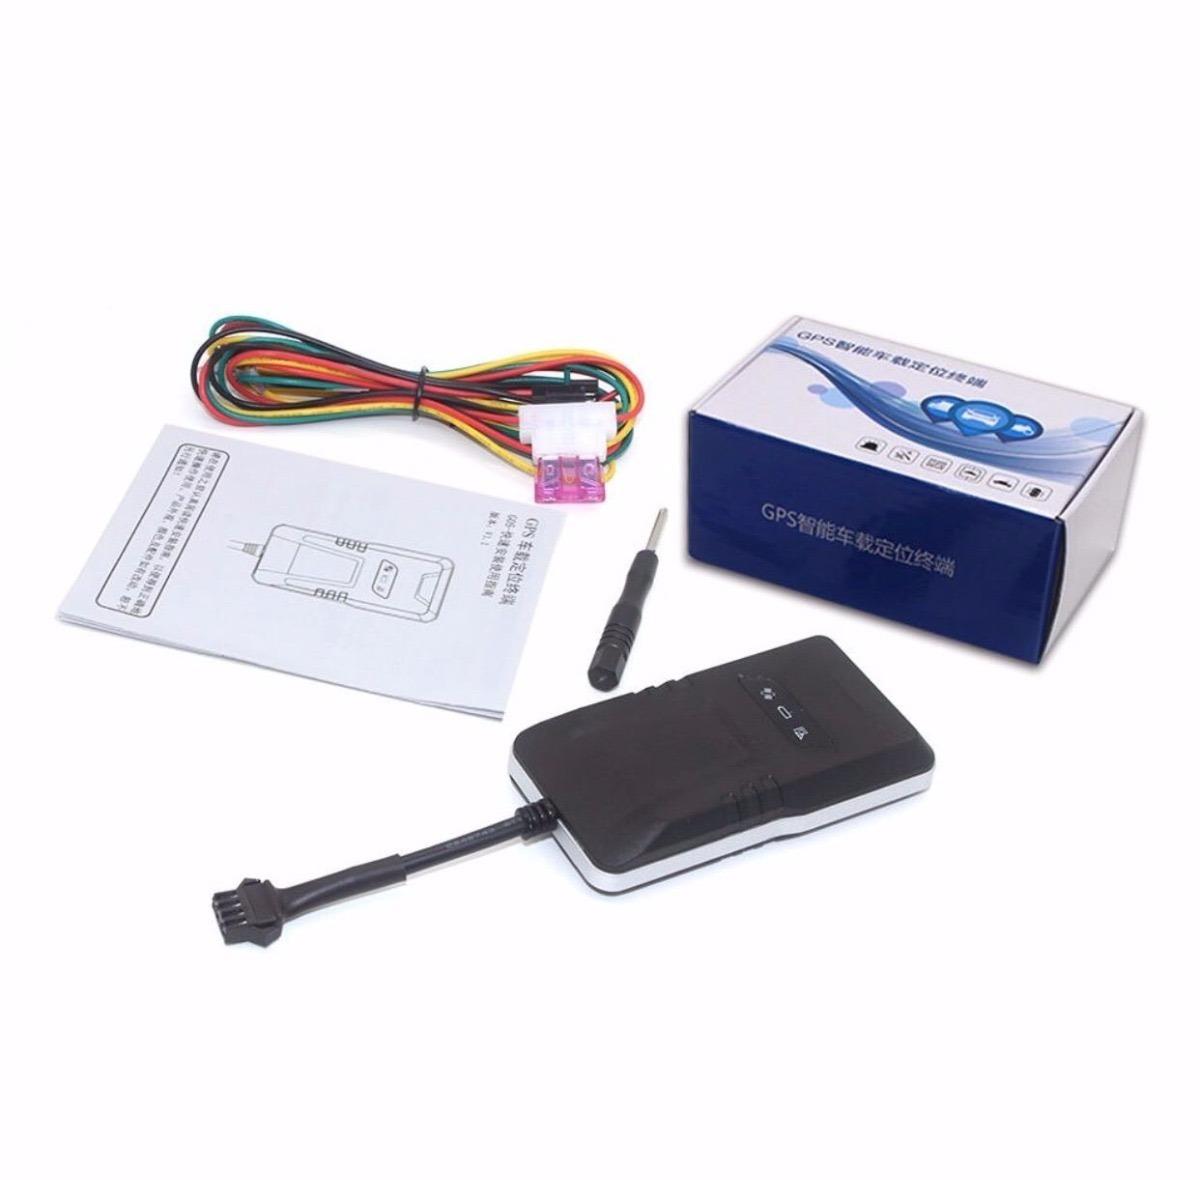 Monitoreo gps de vehiculos - tipos de rastreadores gps